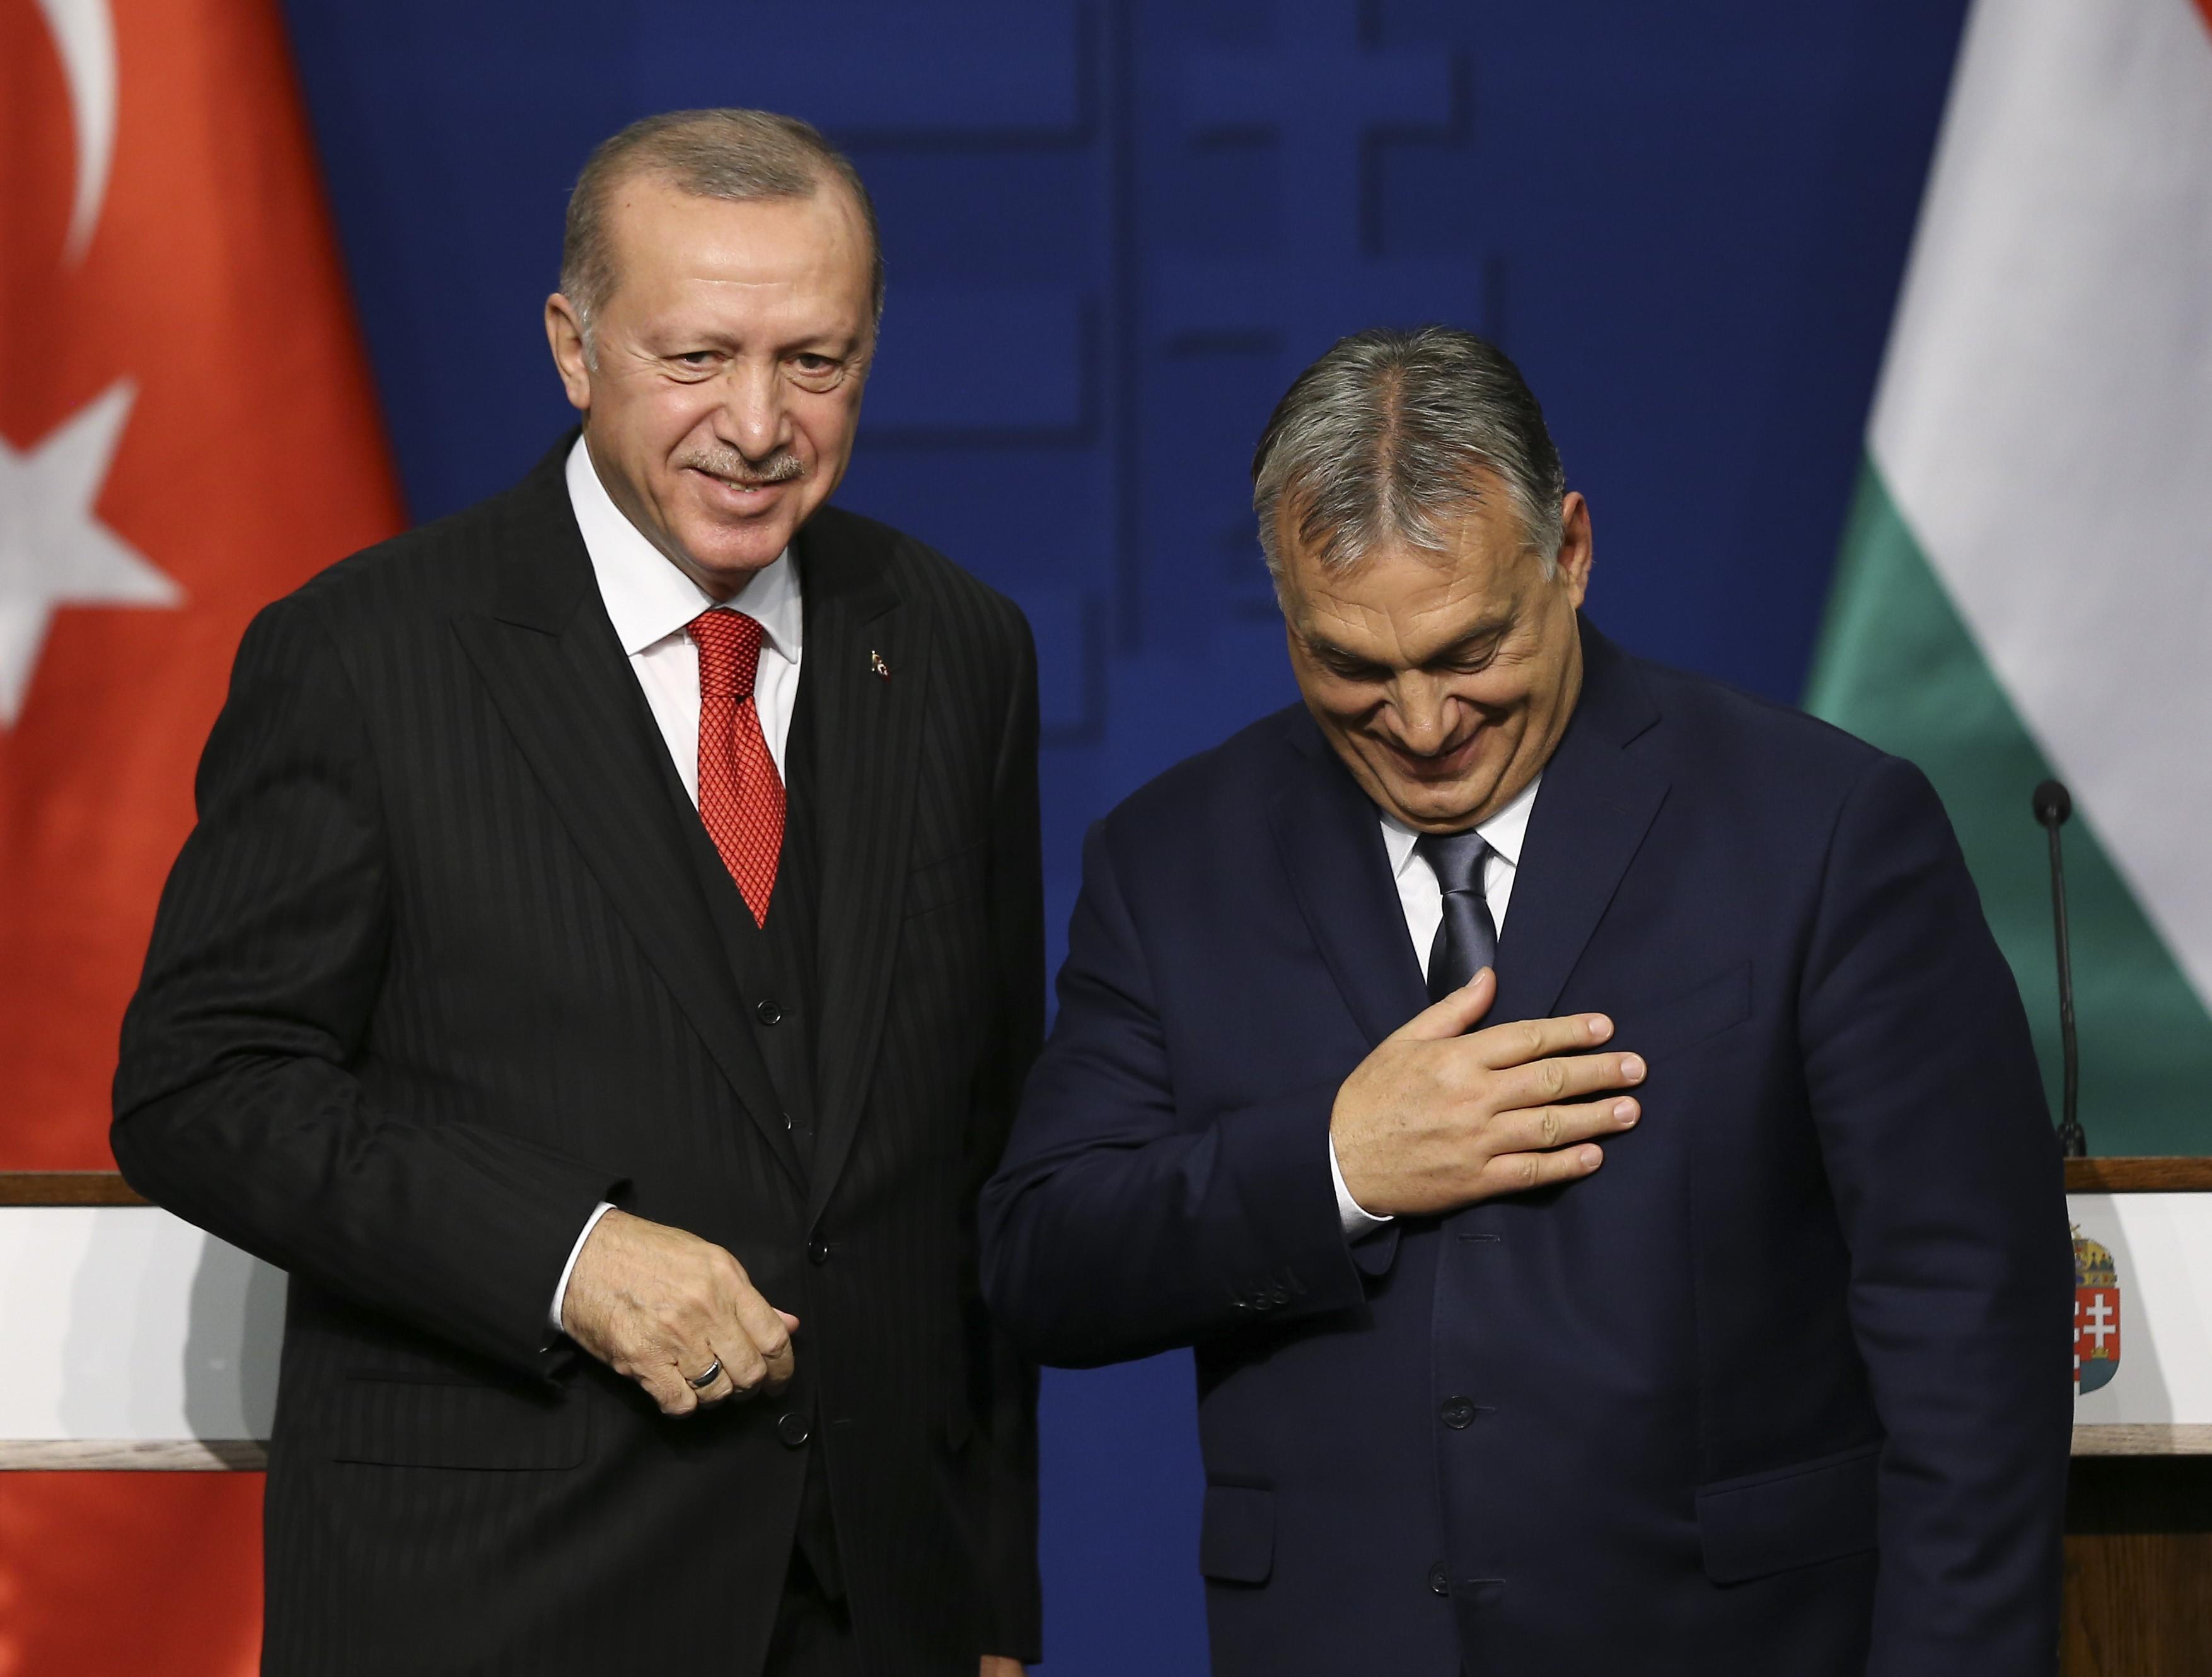 A török külügyminiszter szerint többet és gyorsabban kéne fizetnie az EU-nak a szíriai menekültek ellátásáért